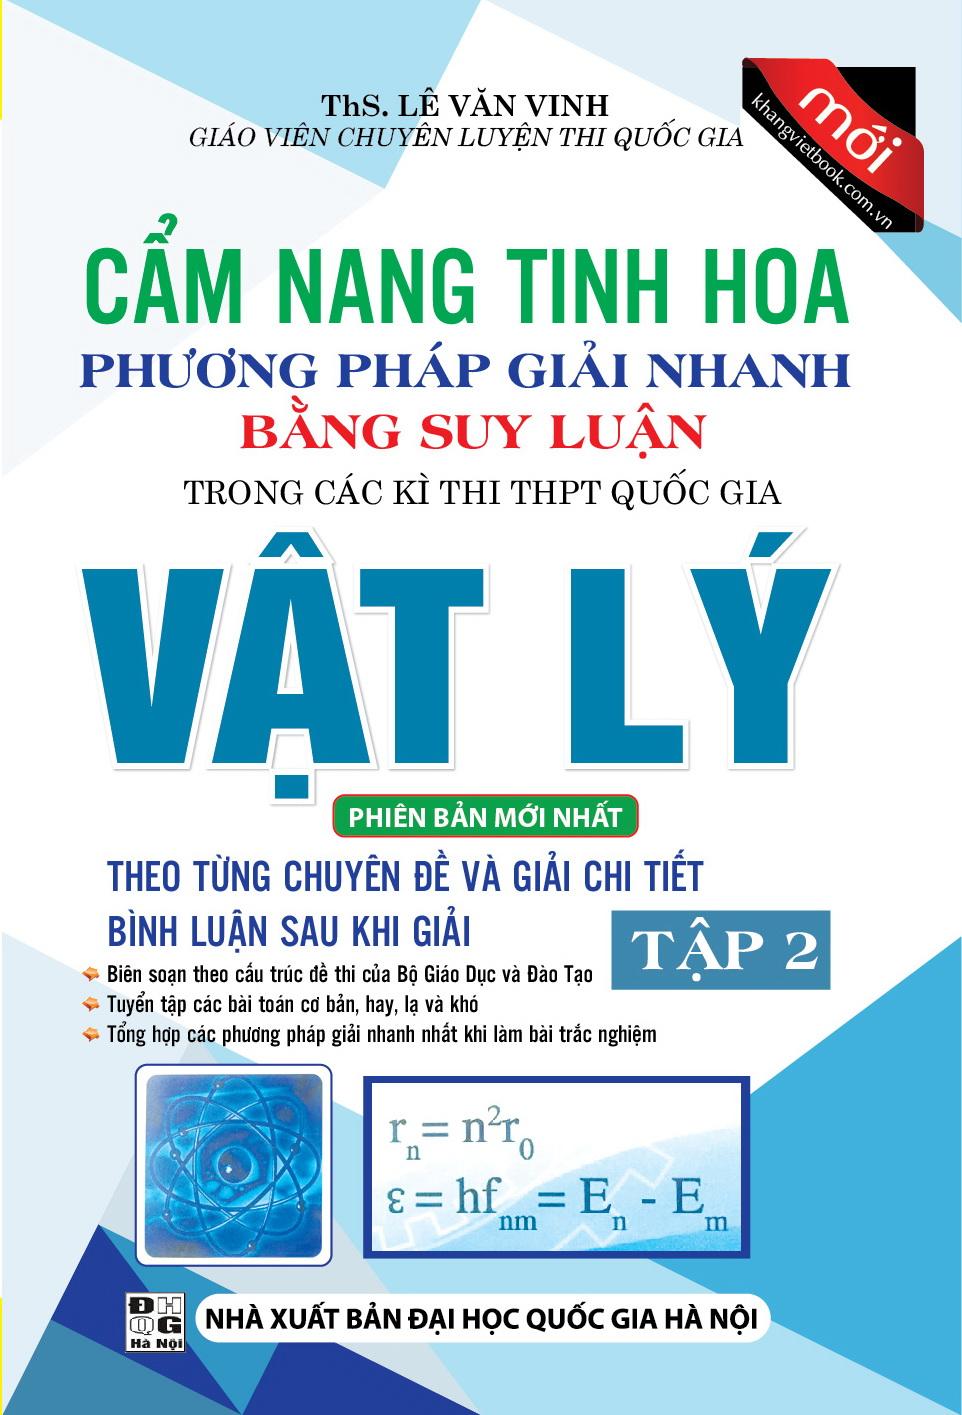 Cẩm Nang Tinh Hoa Phương Pháp Giải Nhanh Bằng Suy Luận Vật Lý (Tập 2) - 8935092537887,62_201007,207000,tiki.vn,Cam-Nang-Tinh-Hoa-Phuong-Phap-Giai-Nhanh-Bang-Suy-Luan-Vat-Ly-Tap-2-62_201007,Cẩm Nang Tinh Hoa Phương Pháp Giải Nhanh Bằng Suy Luận Vật Lý (Tập 2)